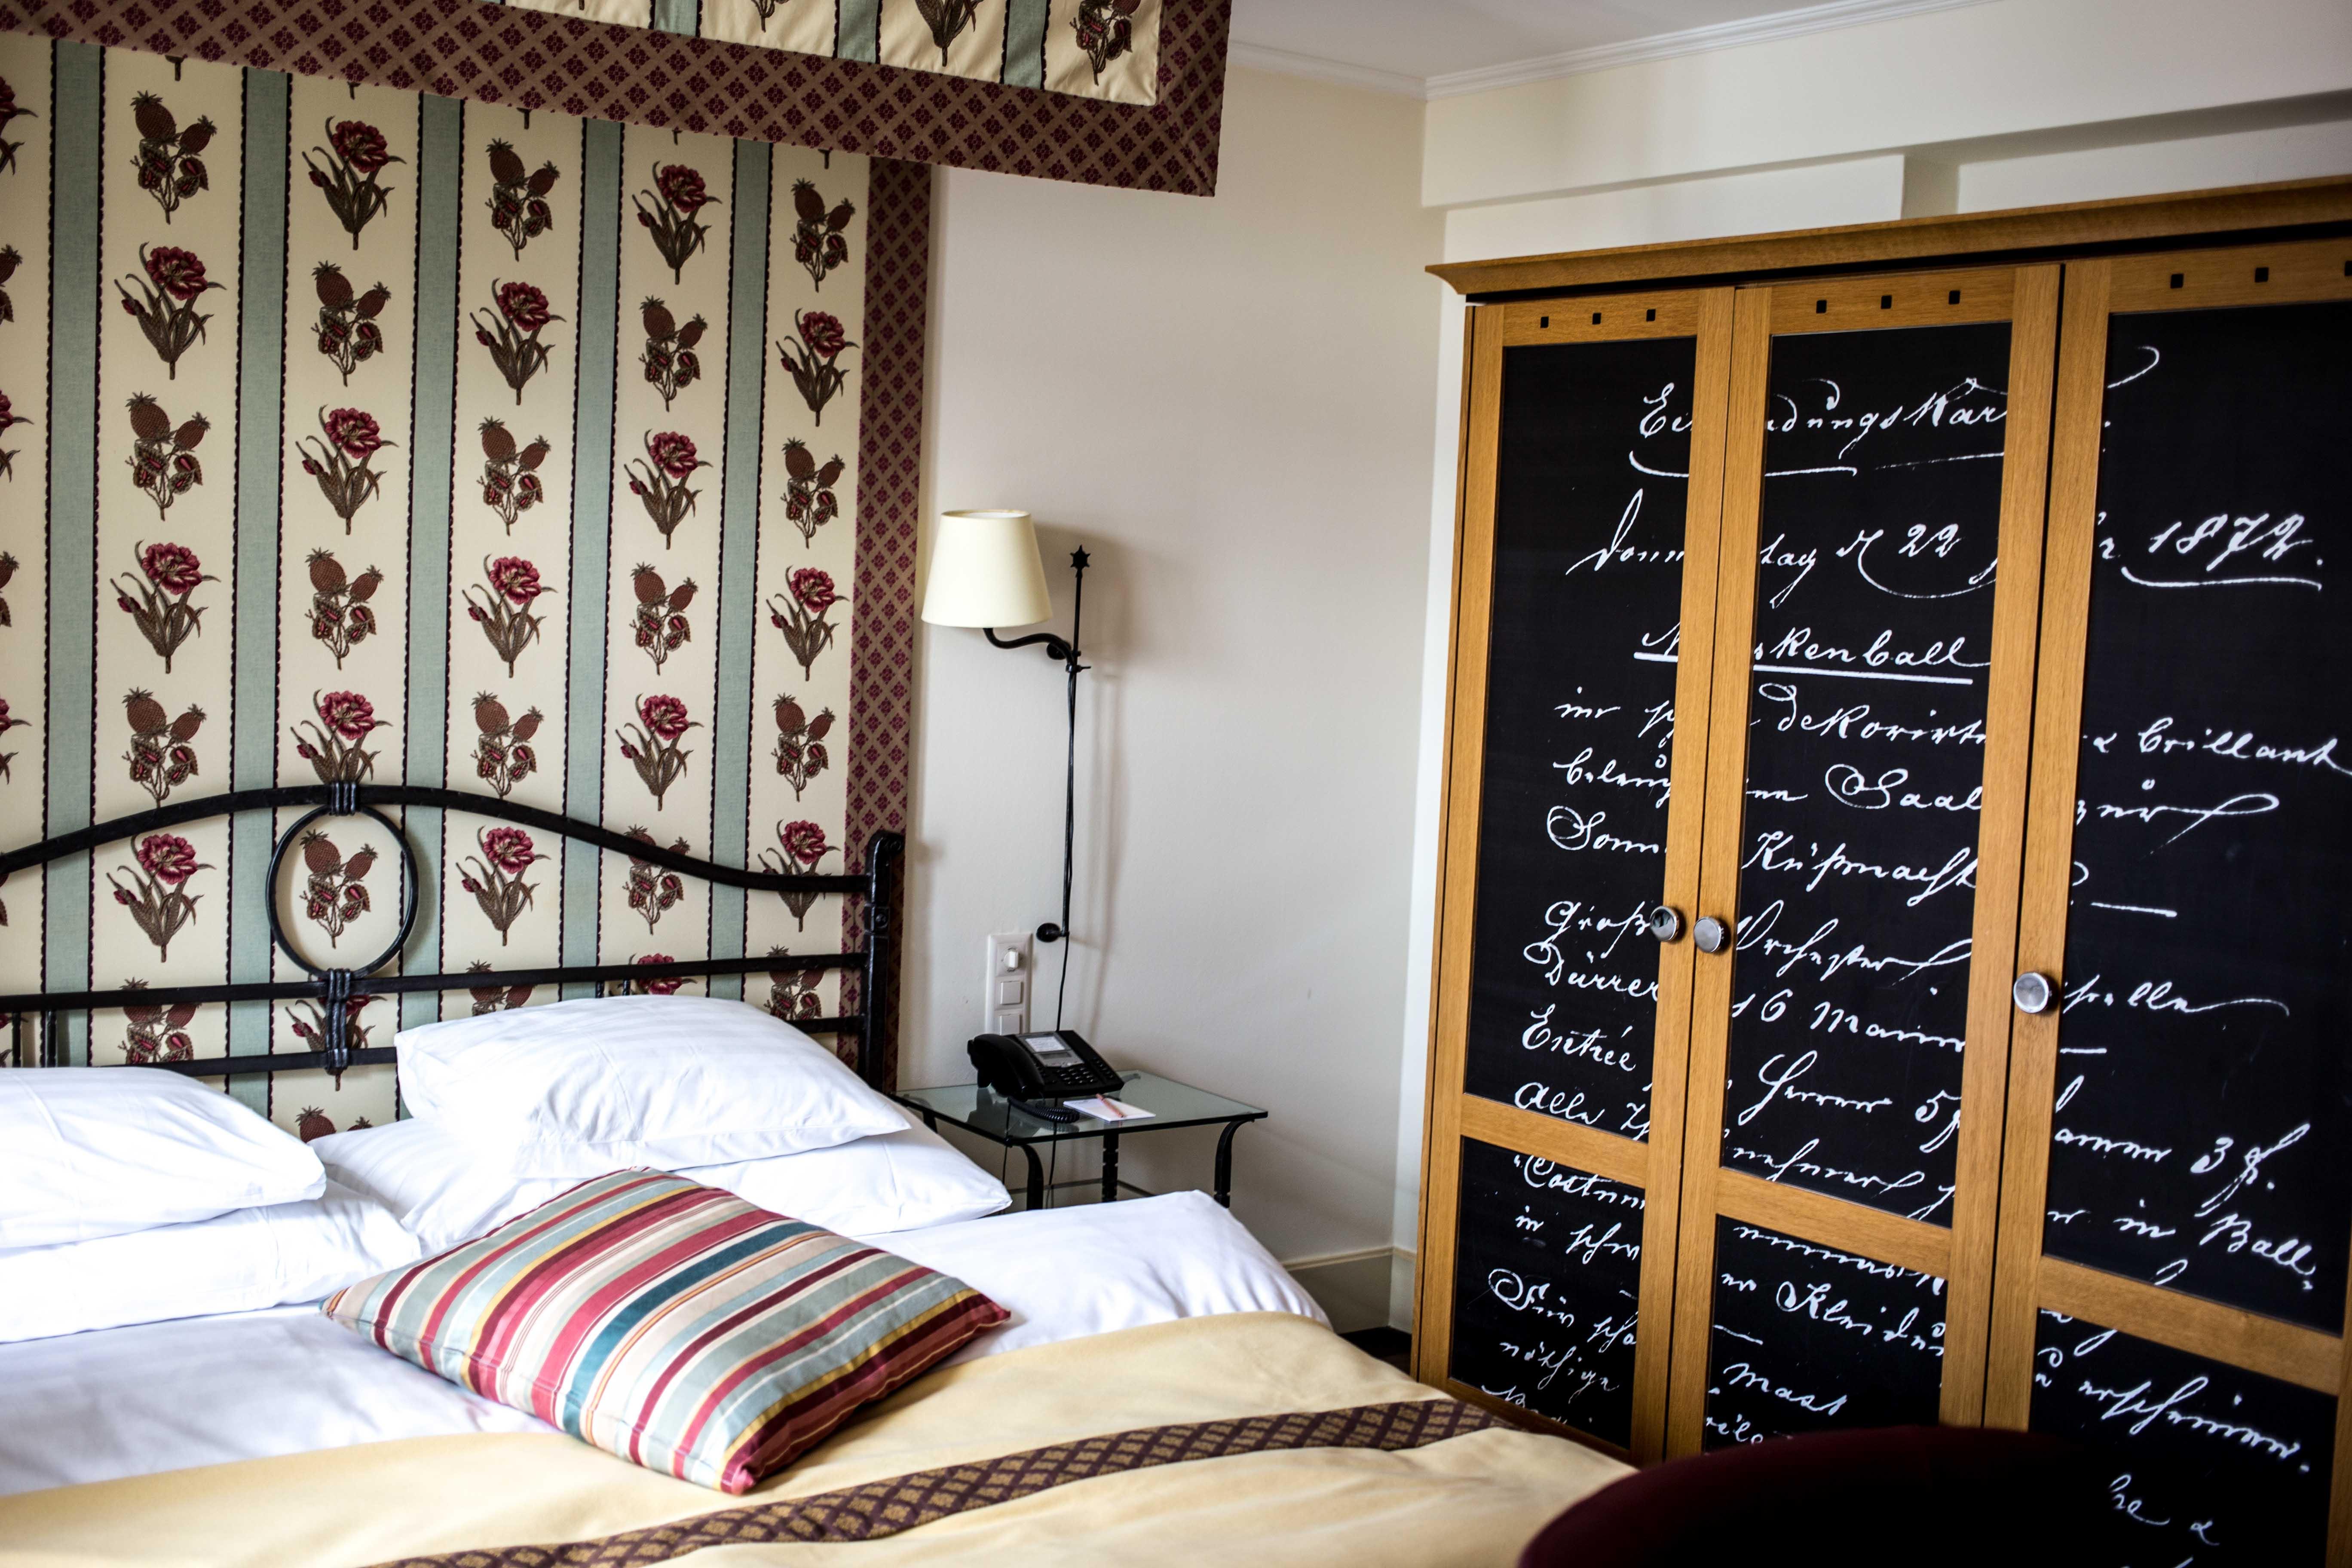 Hotelreview-Hotelempfehlung-Zürich-Küsnacht-Romantik-Hotels-Seehotel-Sonne_6683